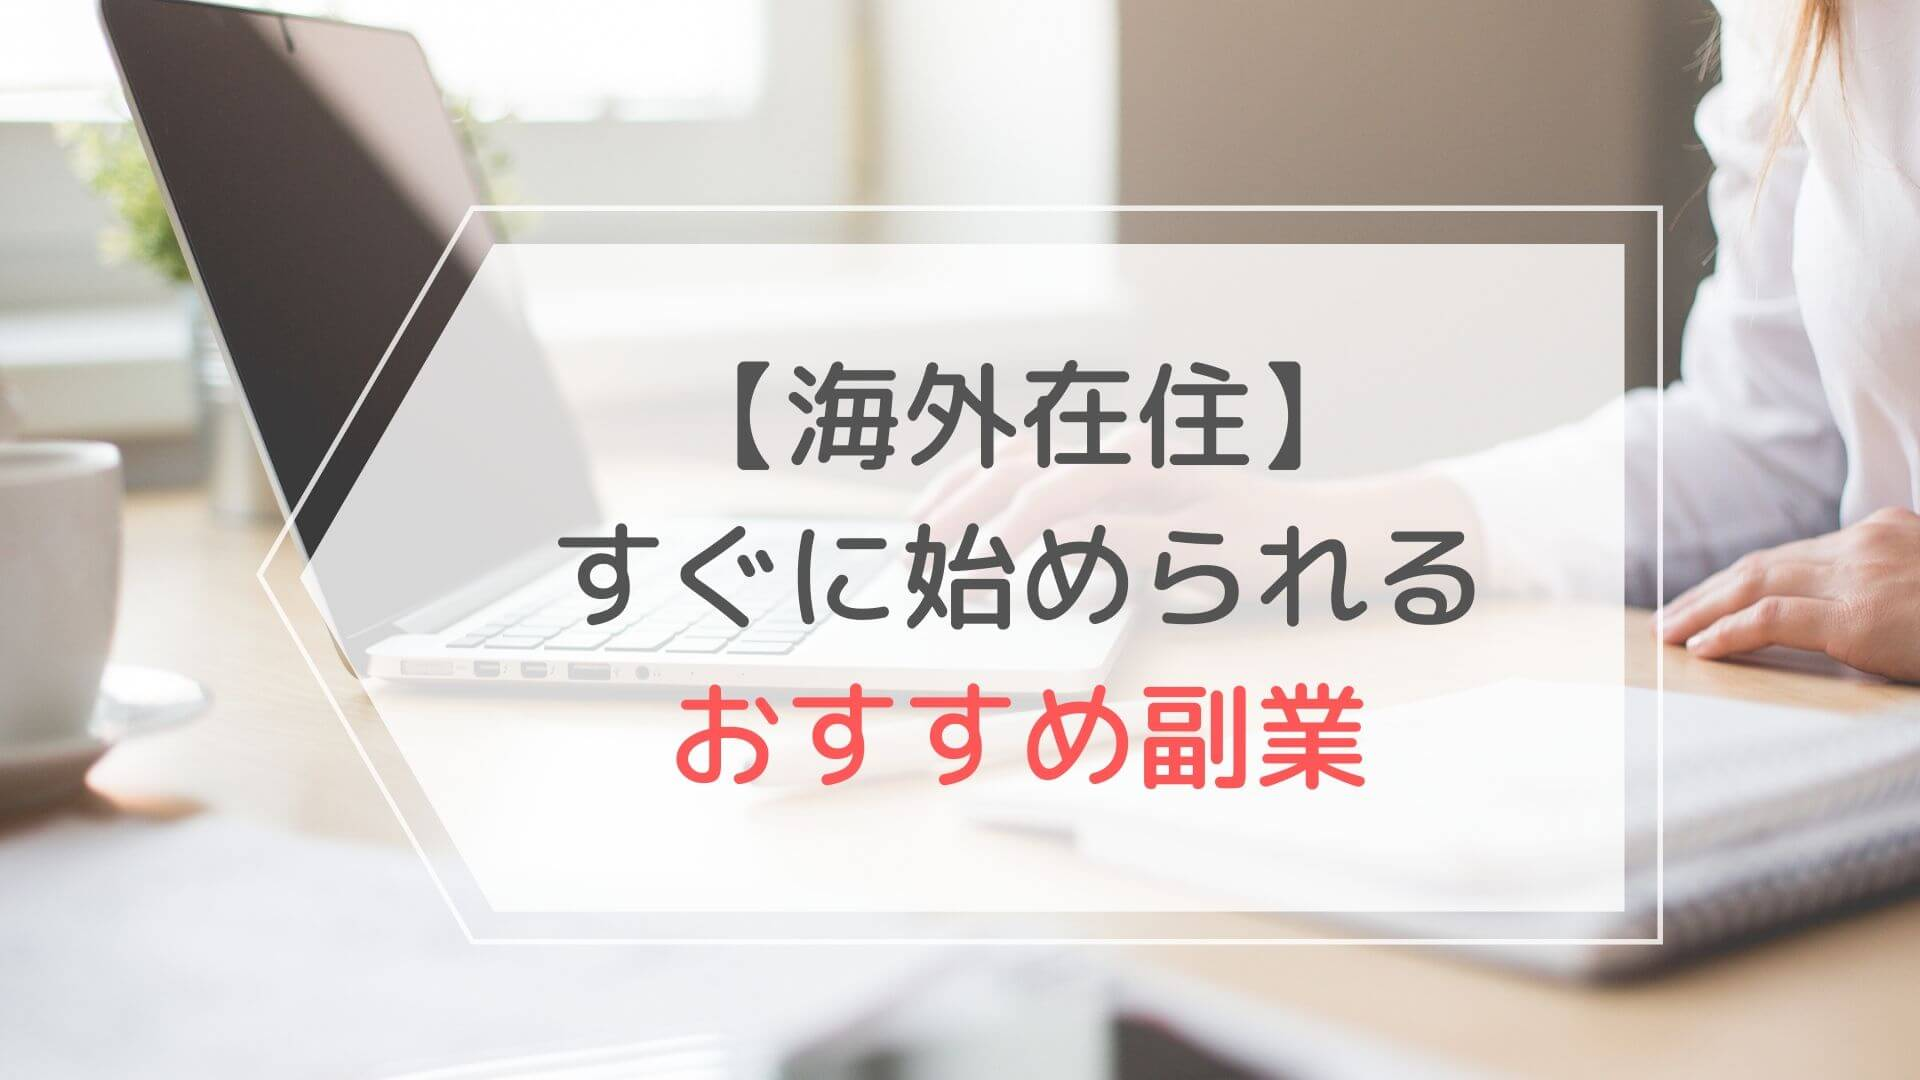 kaigai-fukugyou